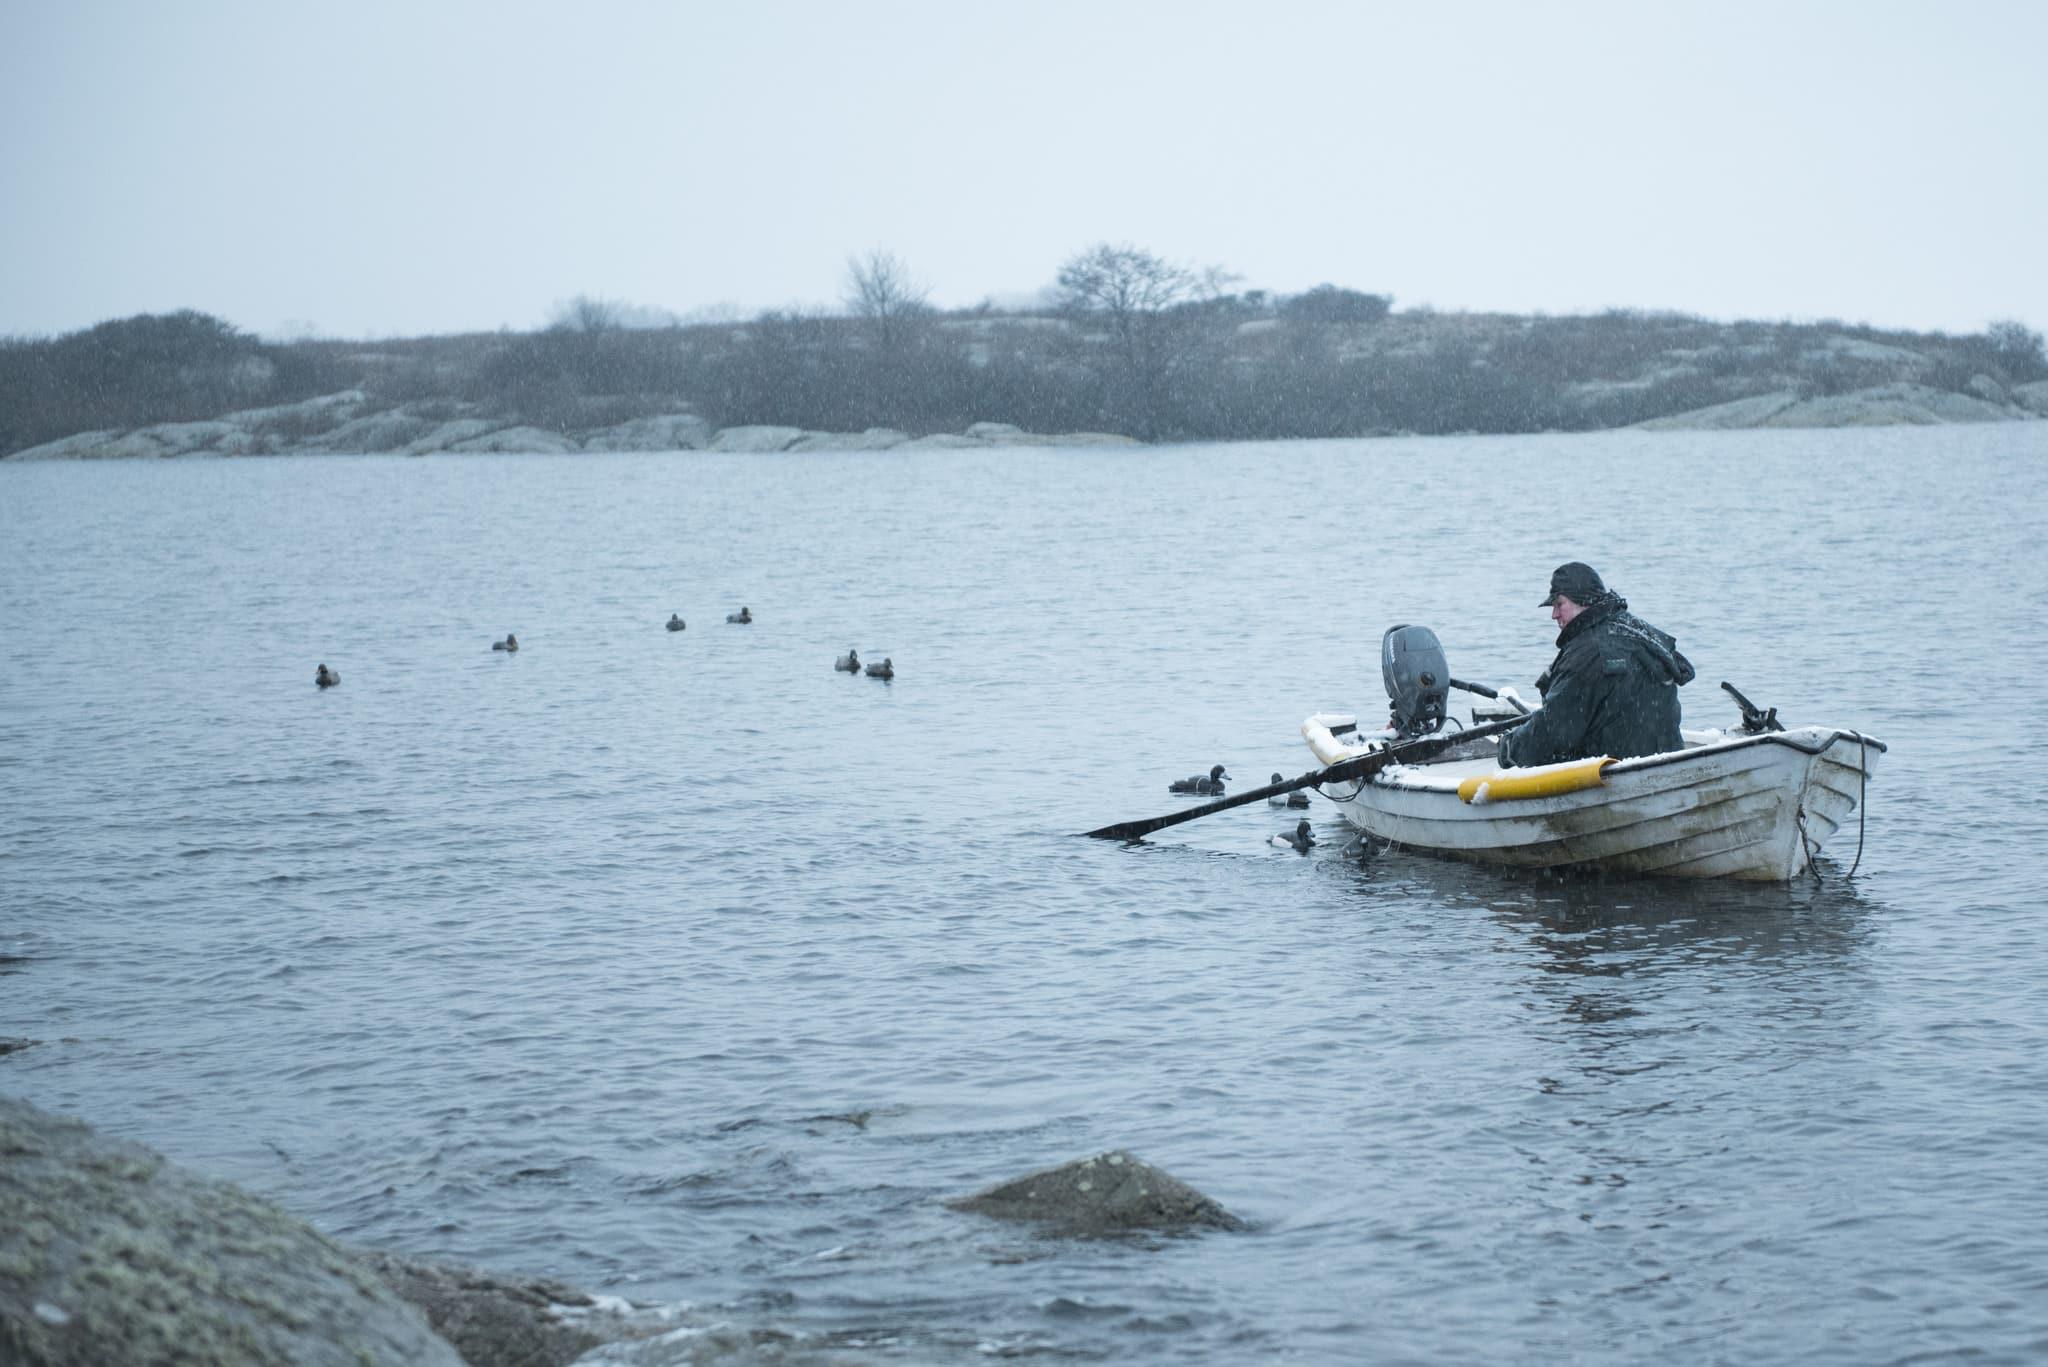 Sjöfågeljägarna kan få mer jakt om förslaget att förlänga jakttiden till 31 januari respektive sista februari blir verklighet.